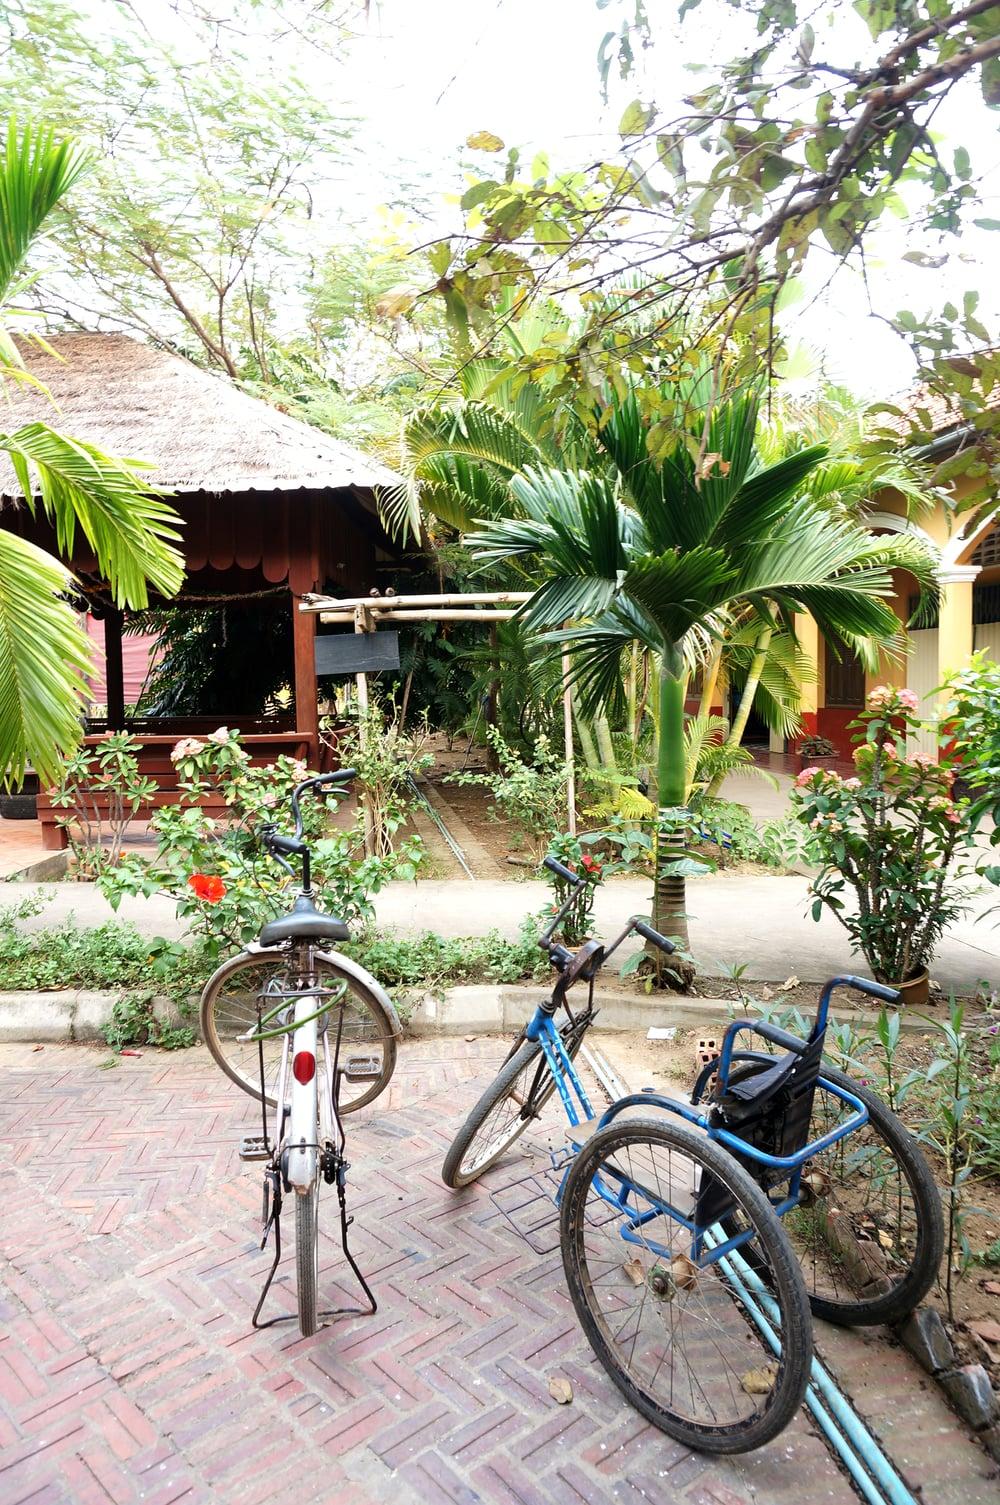 Espanolita_Cambodia_48.jpg